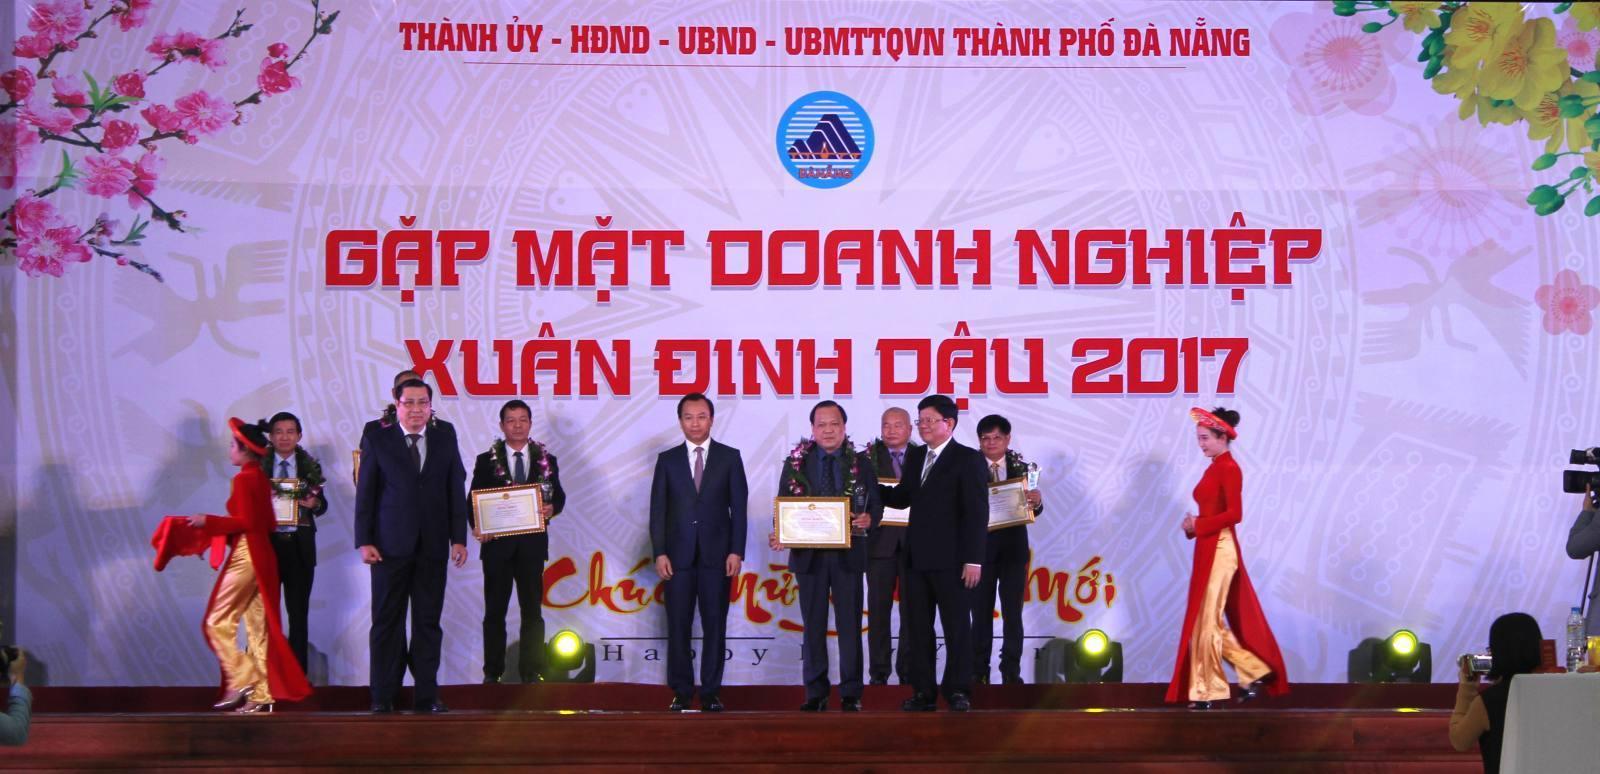 DMT vinh dự nằm trong top 20 Doanh nghiệp tiêu biểu của TP. Đà Nẵng